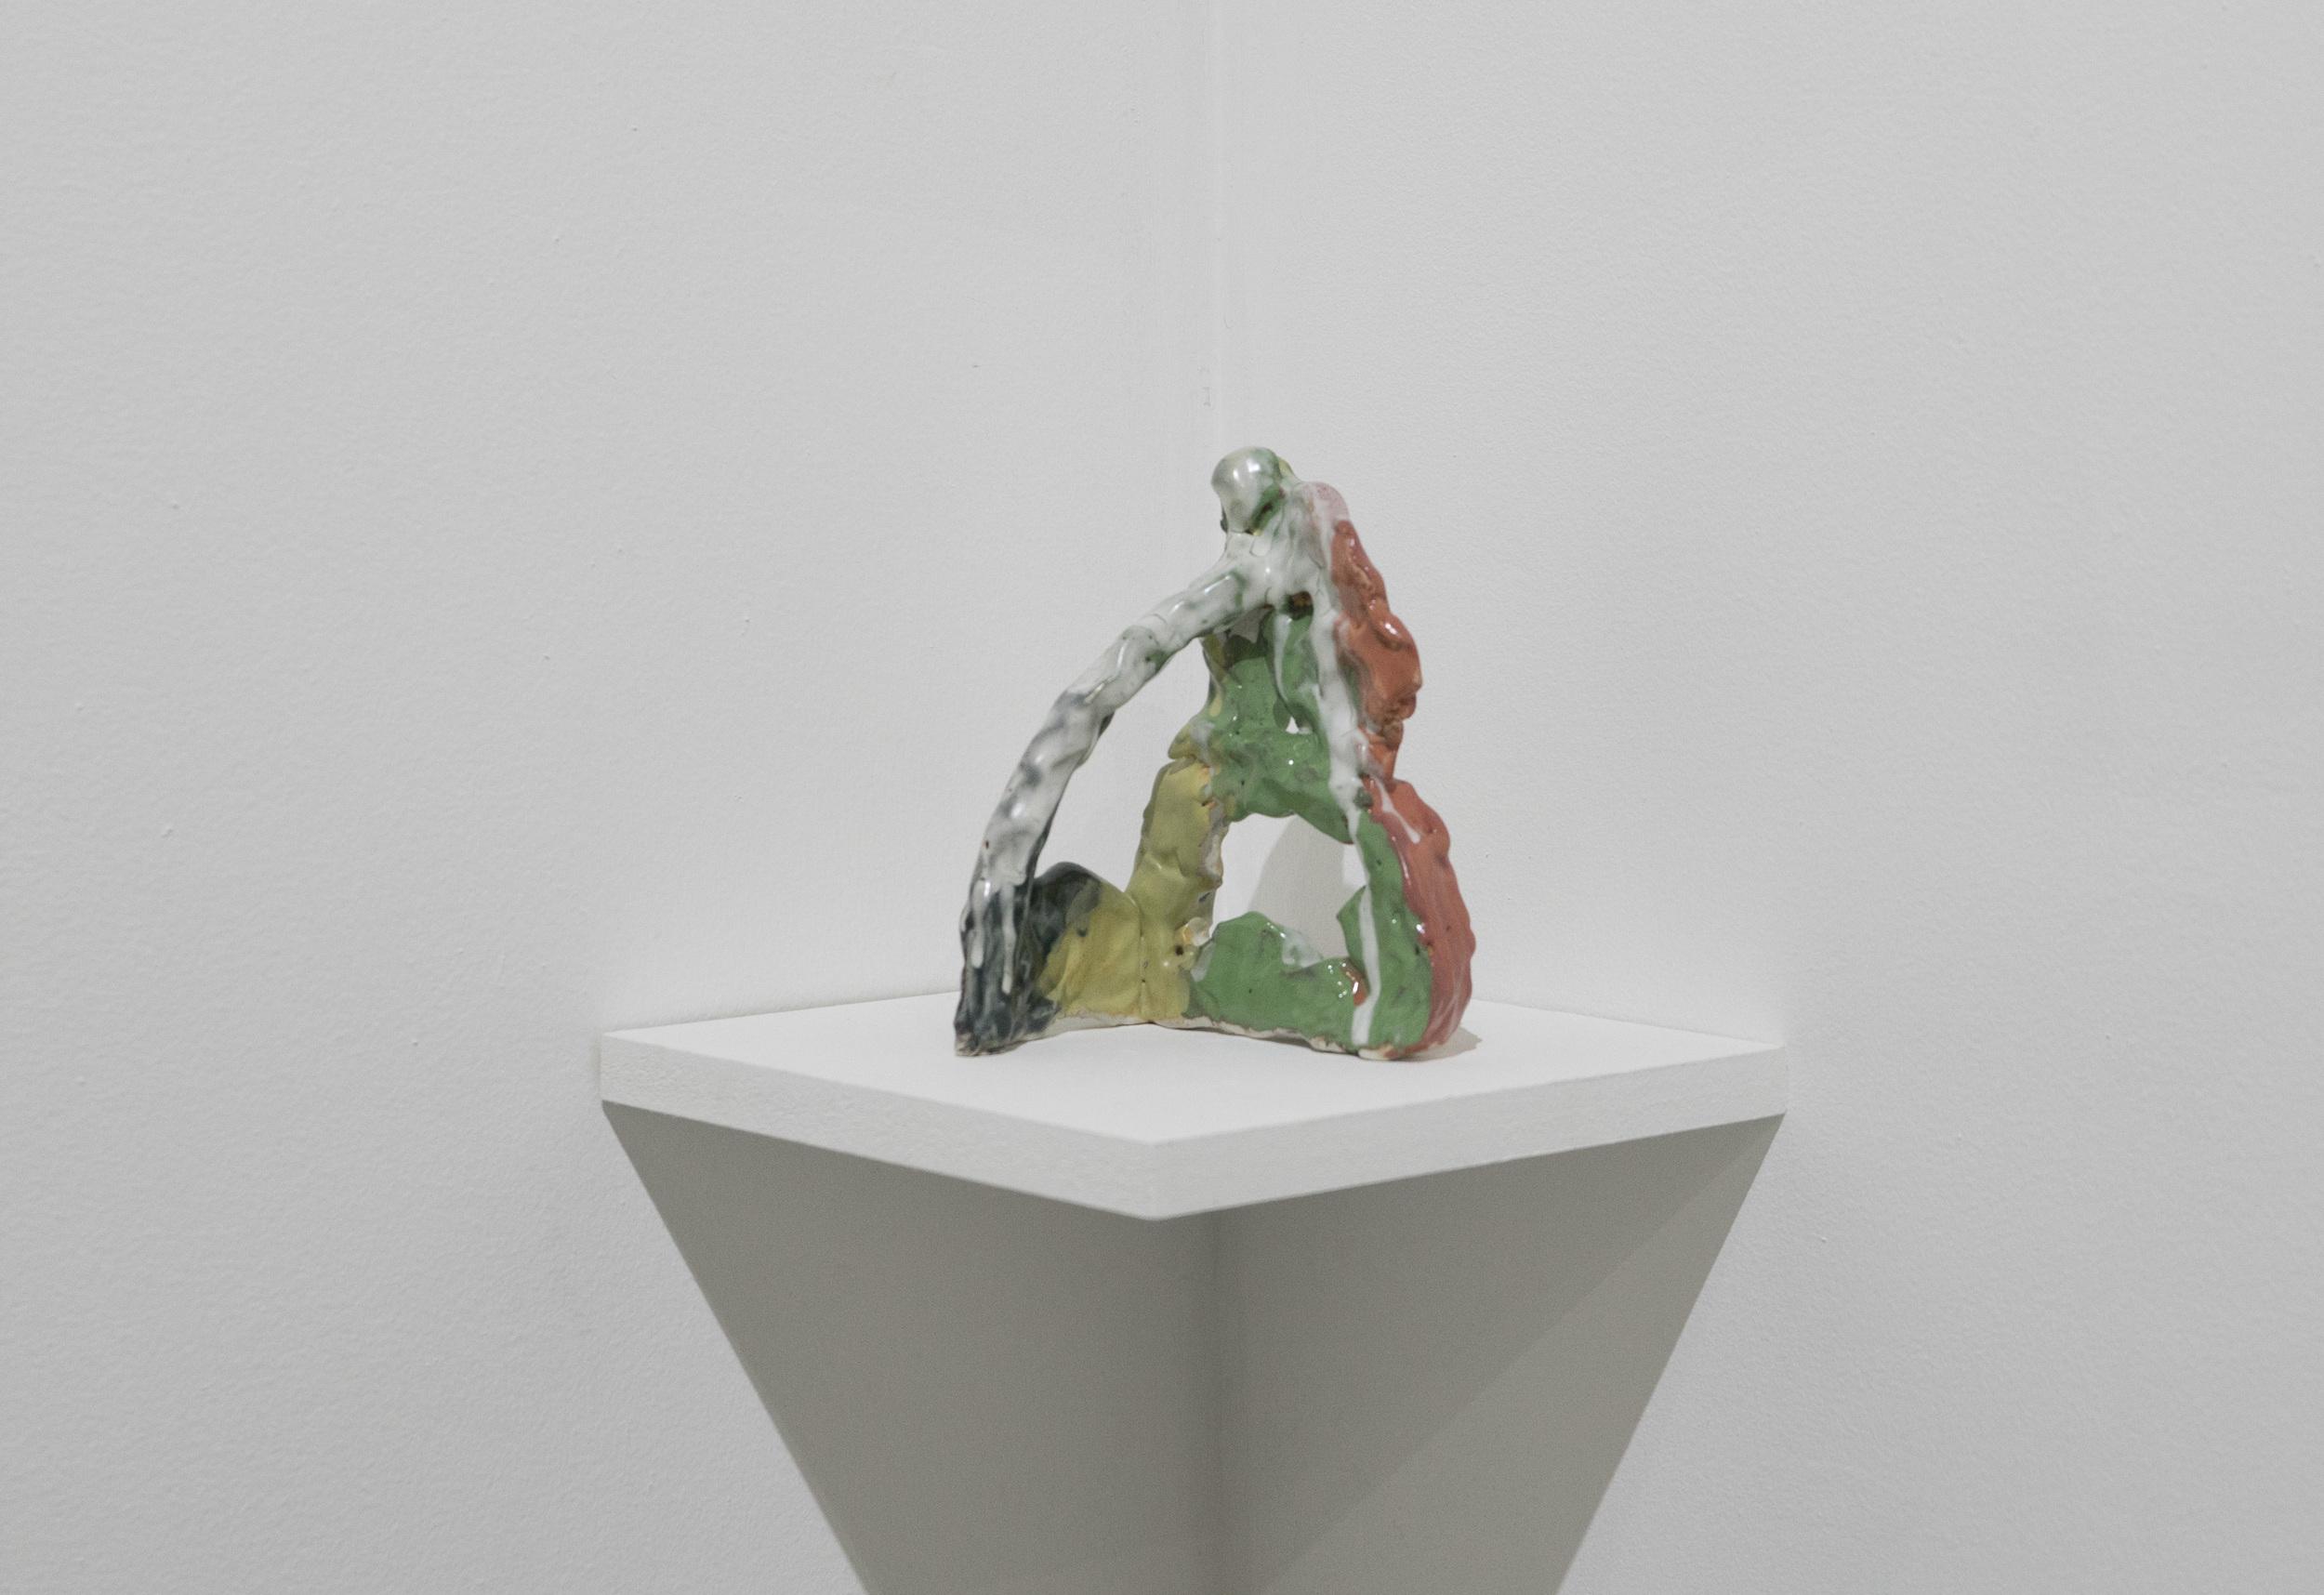 Untitled       Allison Wade     Glazed porcelain   2016